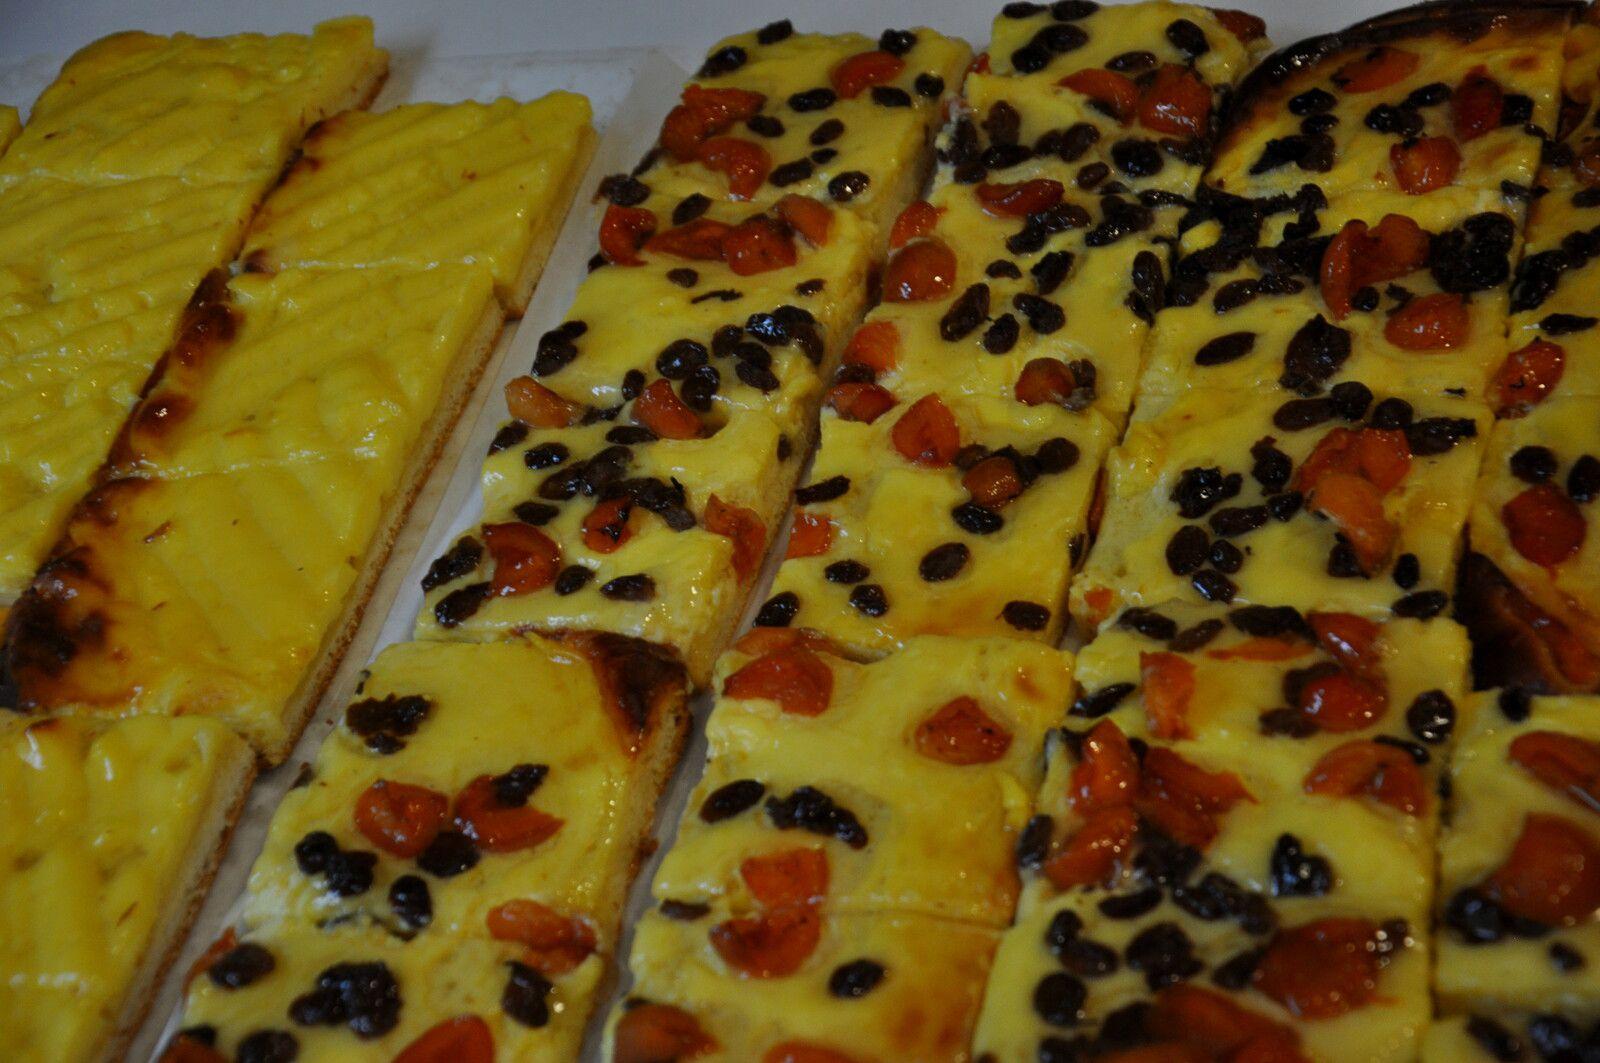 Les gâteaux de Jean Marie Garrigue.